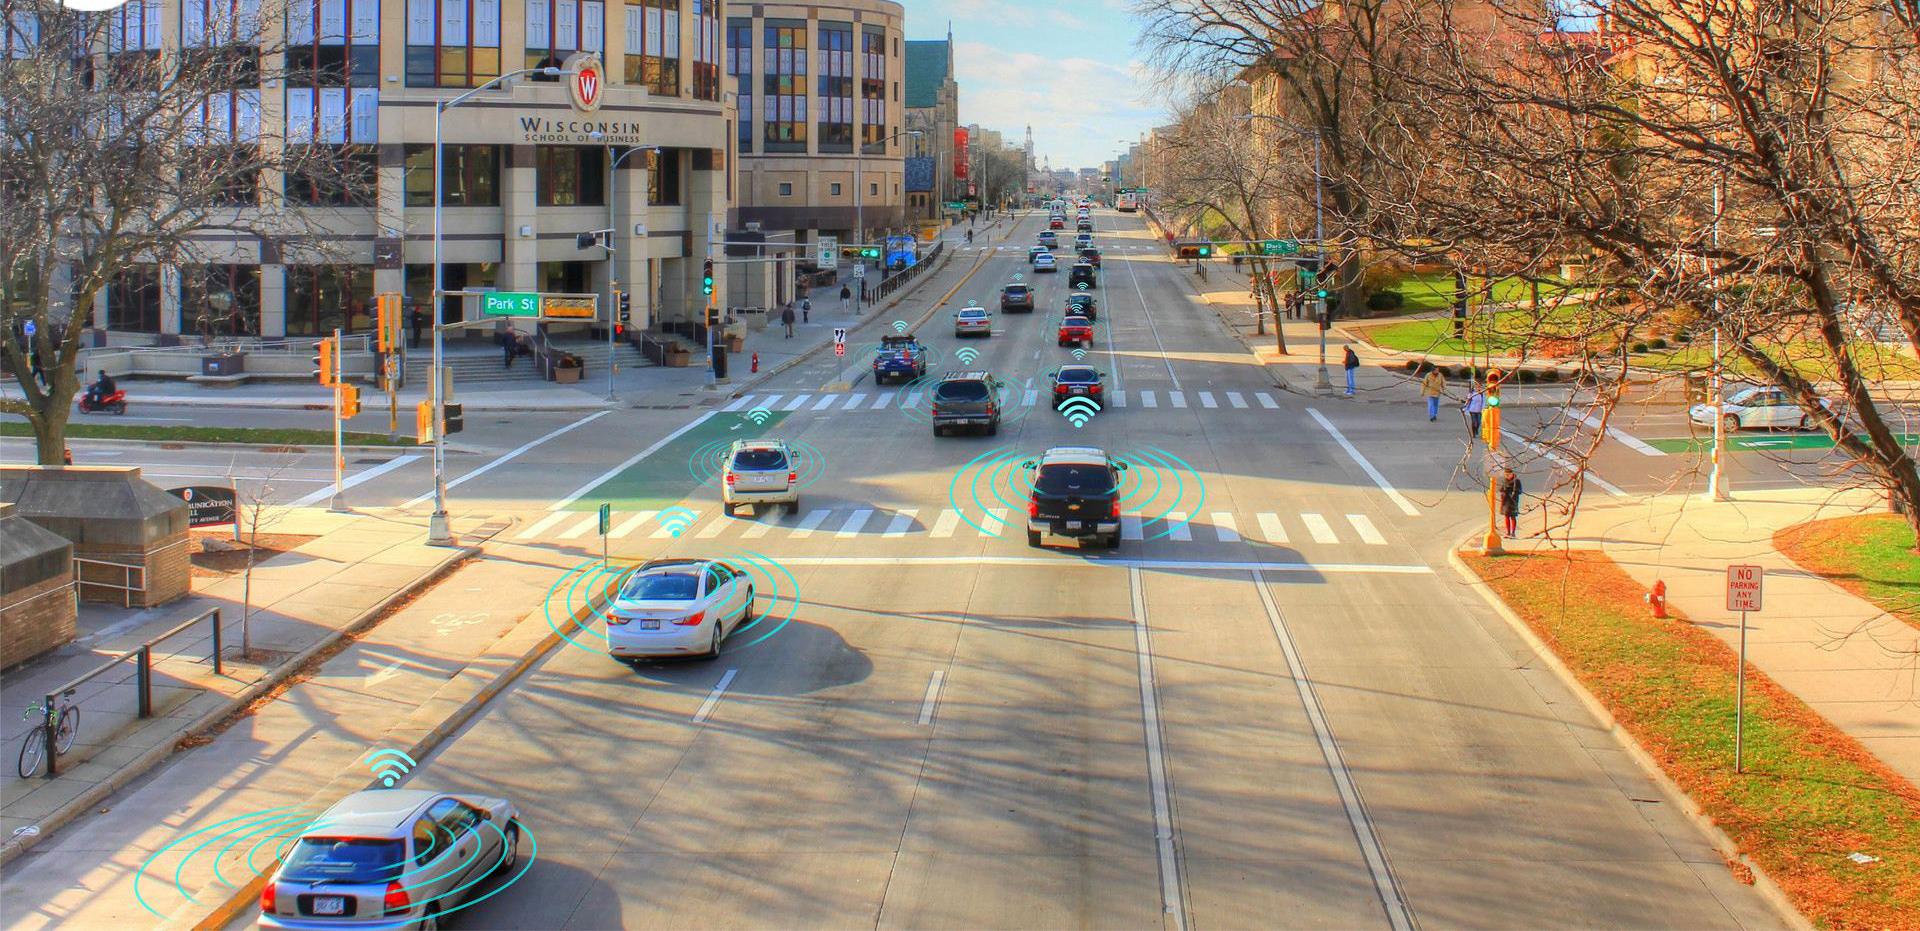 浅析 | 智能交通改变进行时